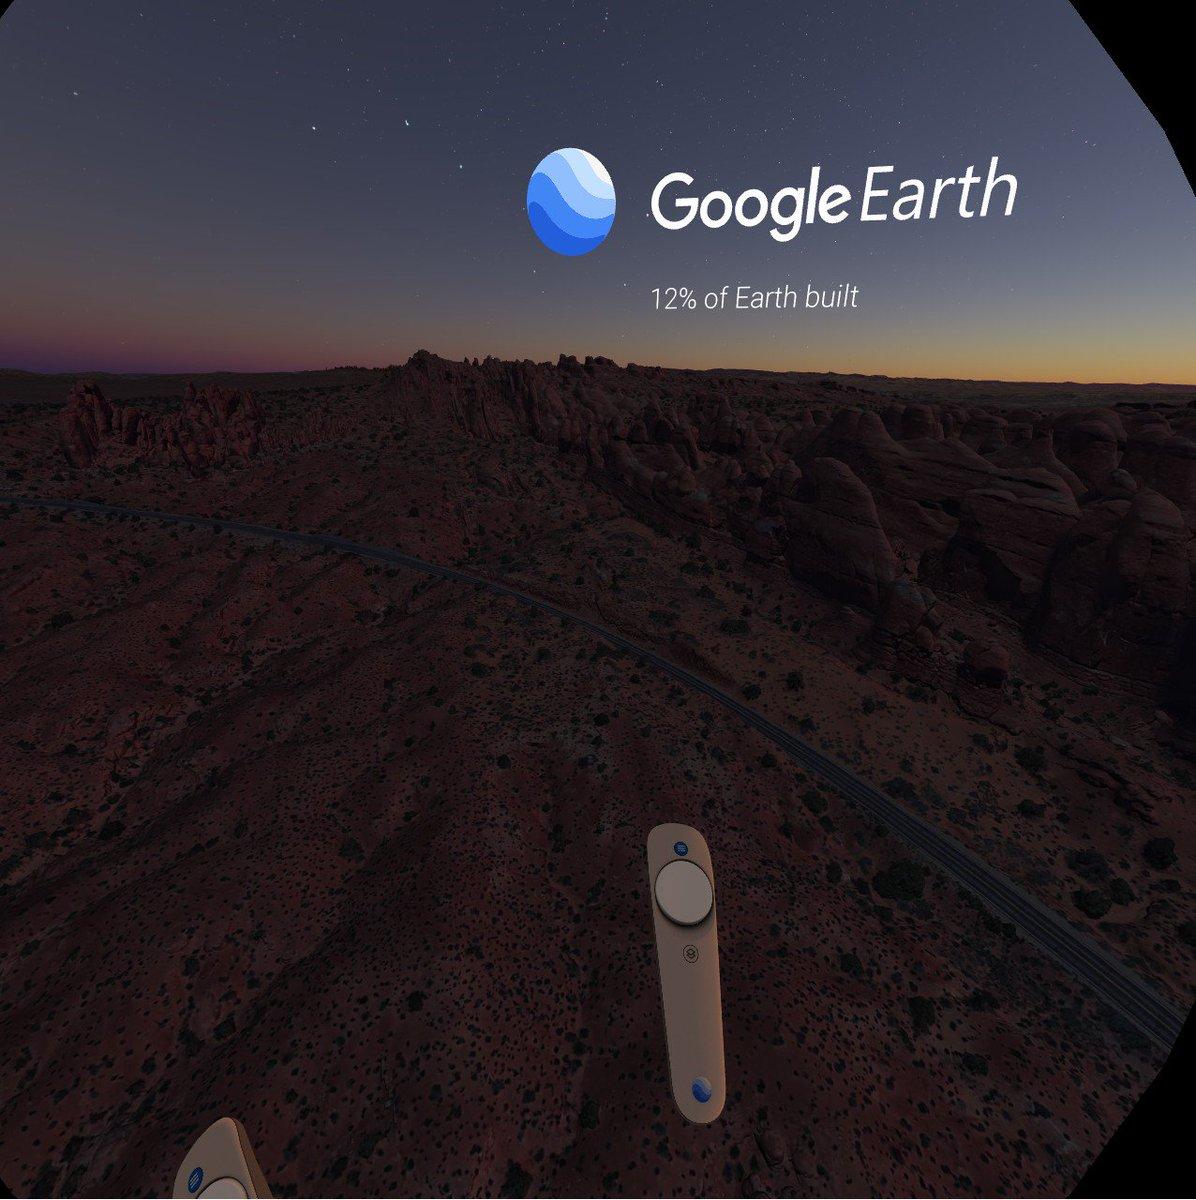 いまSteamでGoogleErathVRを落としてみた。やばい。本当にやばいこんなやばいものを体験していない人が多いのがやばい。完全に神の視点で地球を自由に歩き回れる。時間(太陽軌道を)も操れるしストリートビューも使える。画像添付してもなかなかわかってもらいな気がするが感動を伝えたい…。#VR